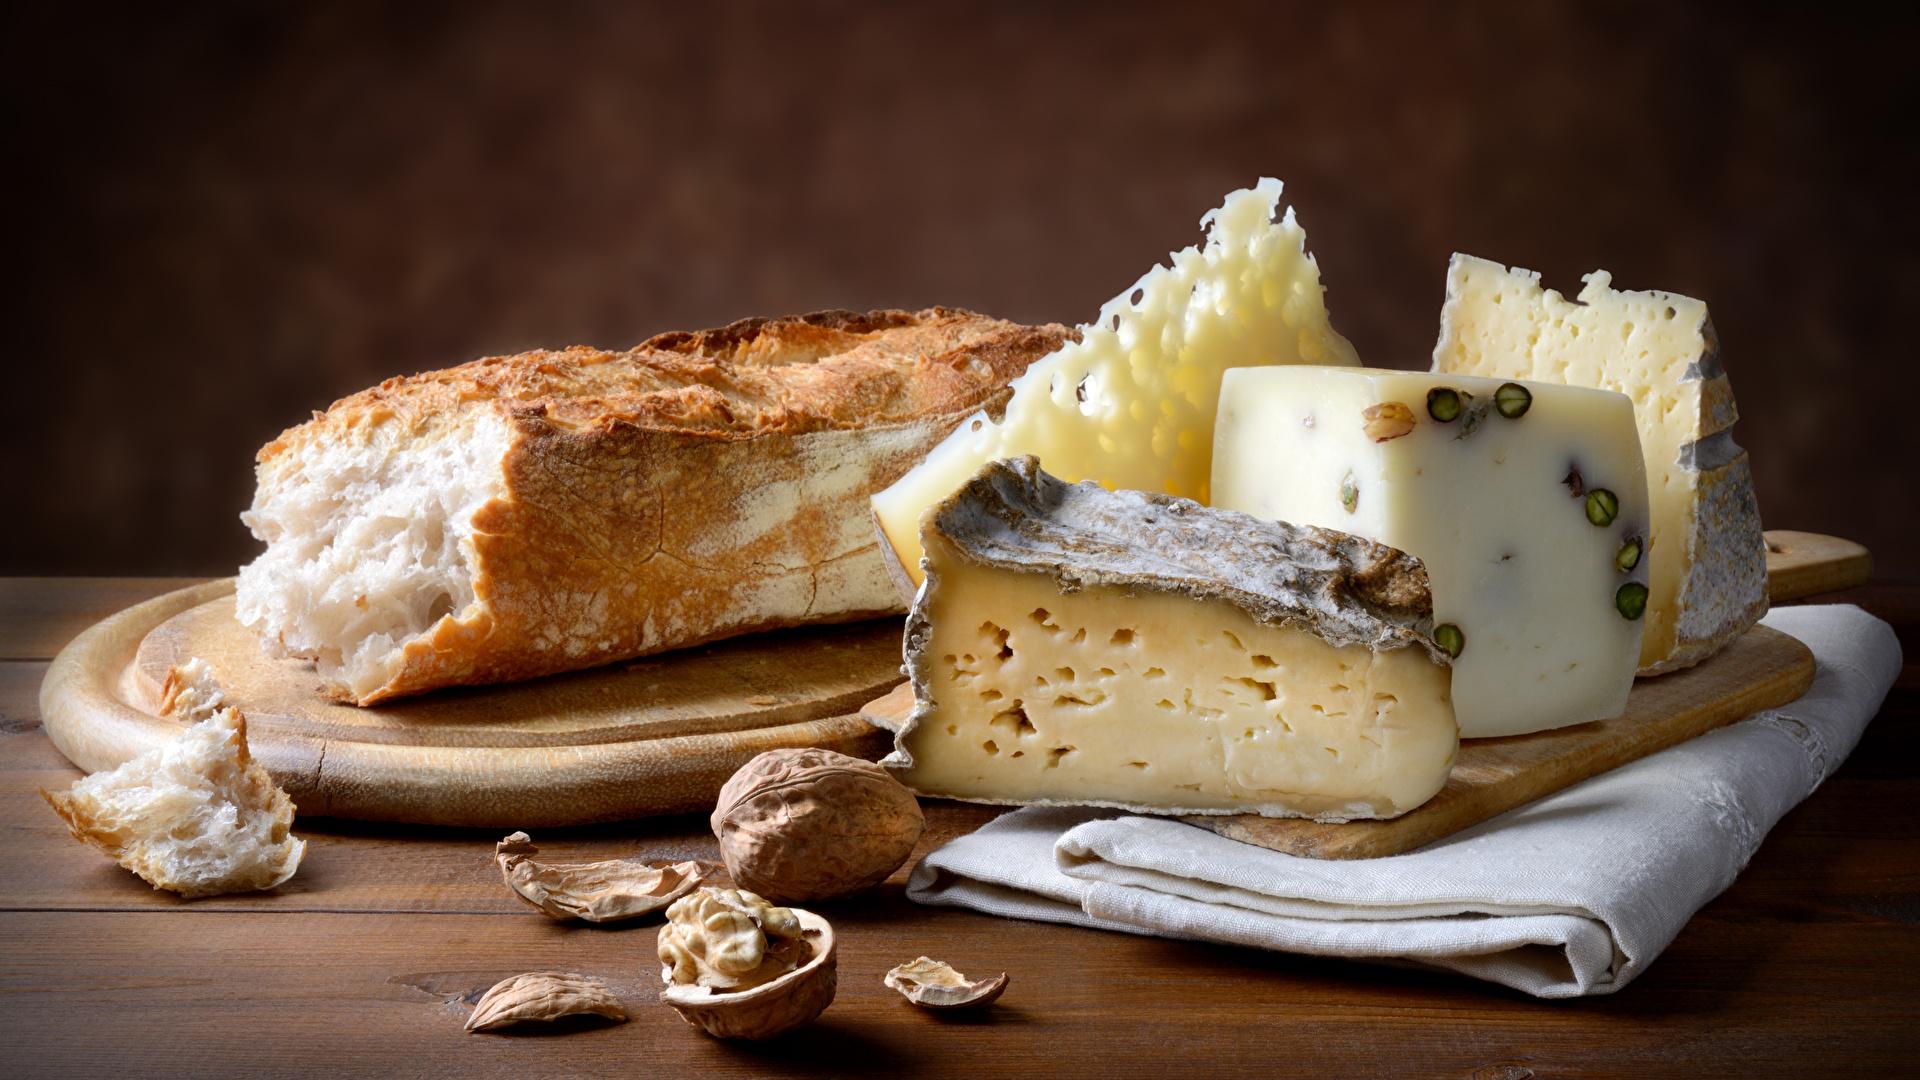 Картинки Хлеб Сыры Пища Разделочная доска Орехи 1920x1080 Еда Продукты питания разделочной доске